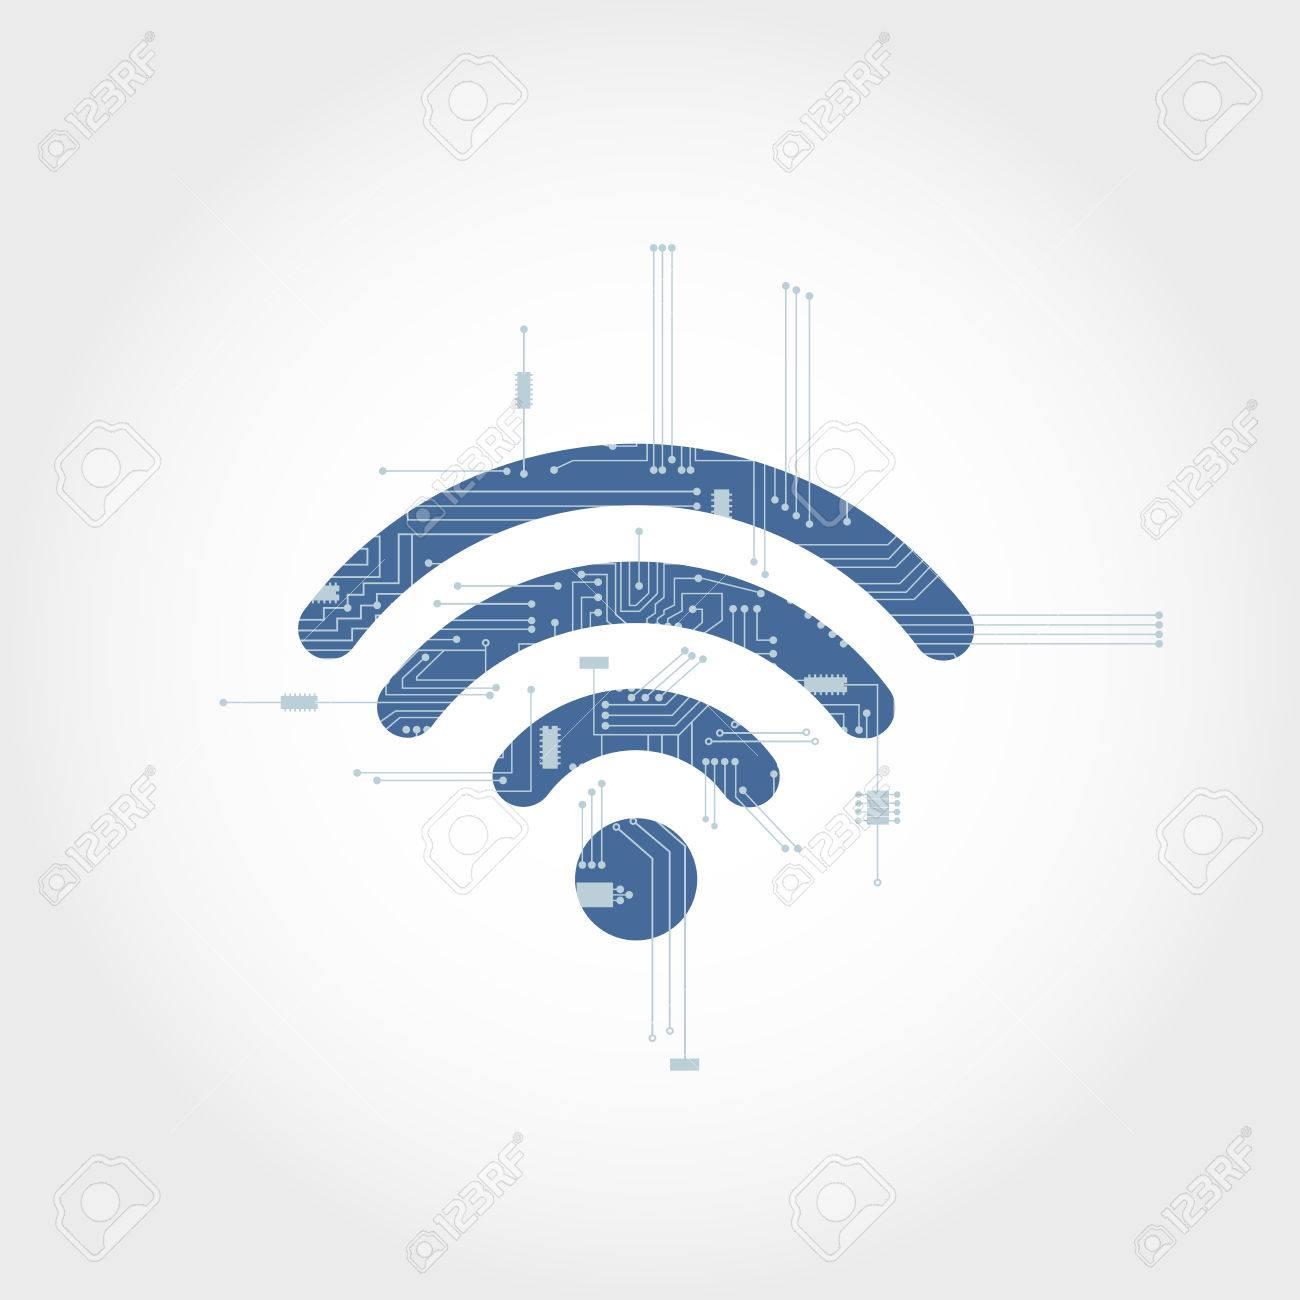 Circuito Wifi : Circuito electrónico de ramificación de un símbolo wifi diseño